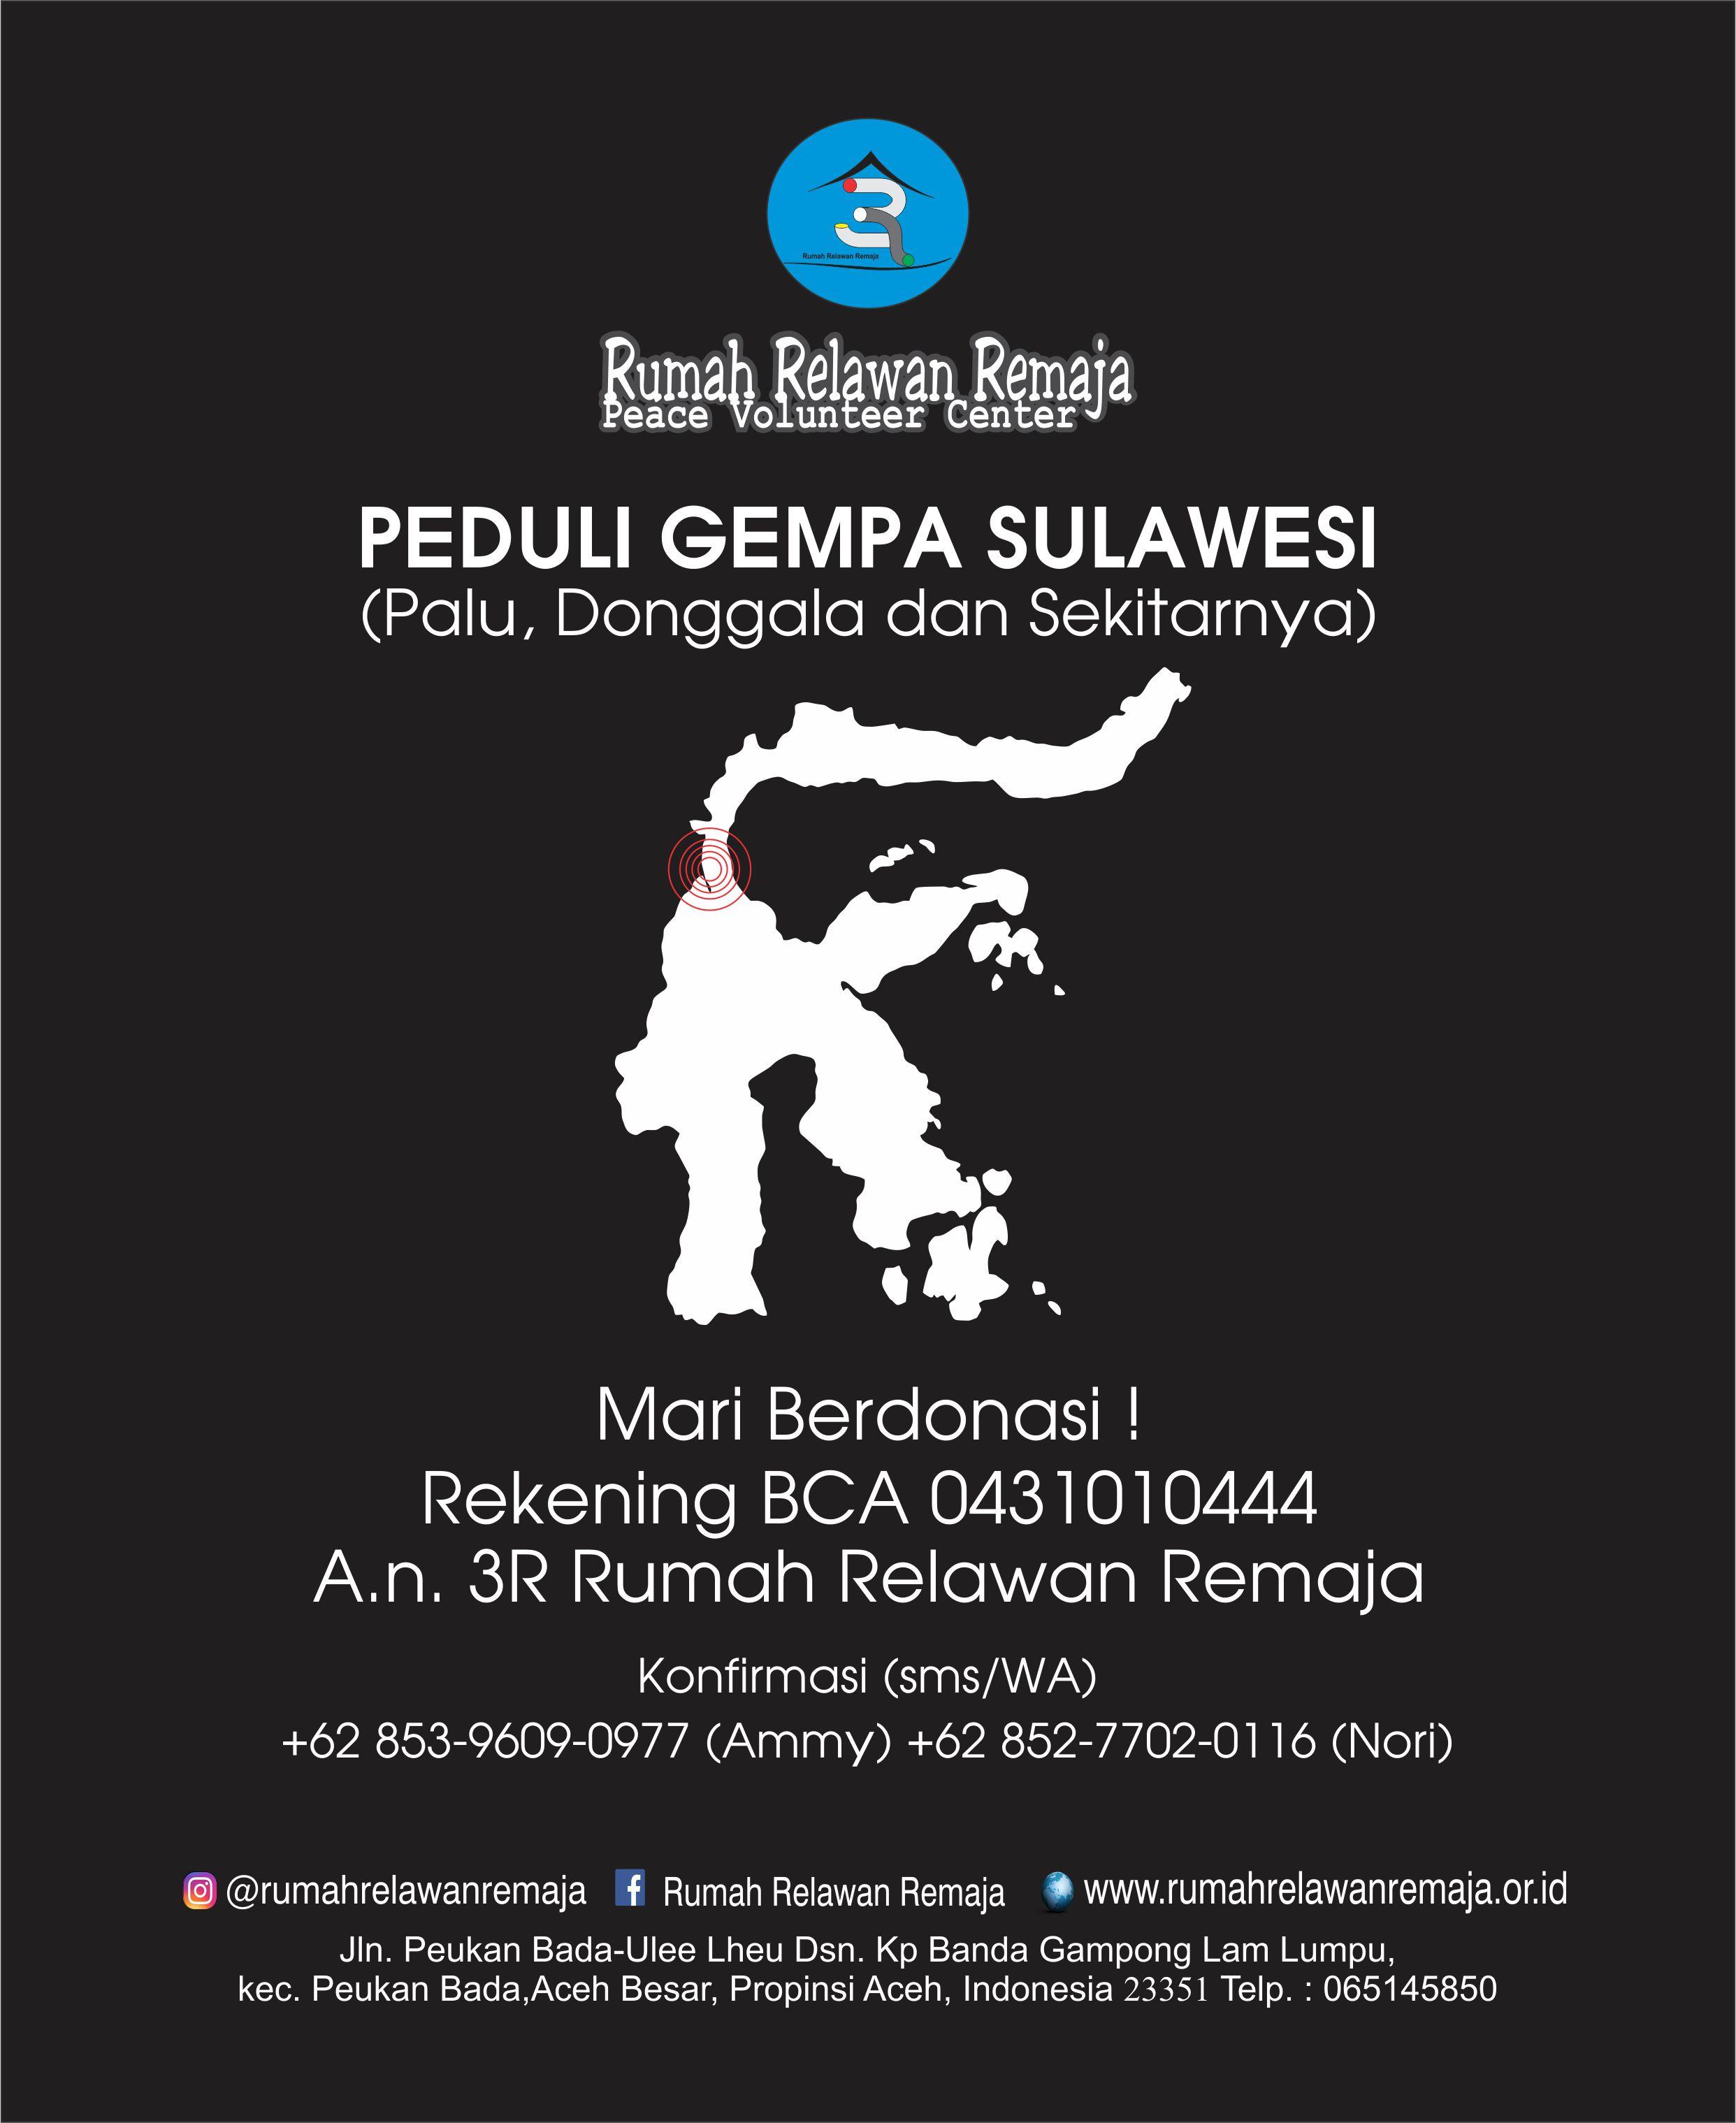 Tingkatkan Sinergitas dalam Membantu Para Korban di Sulawesi Tengah